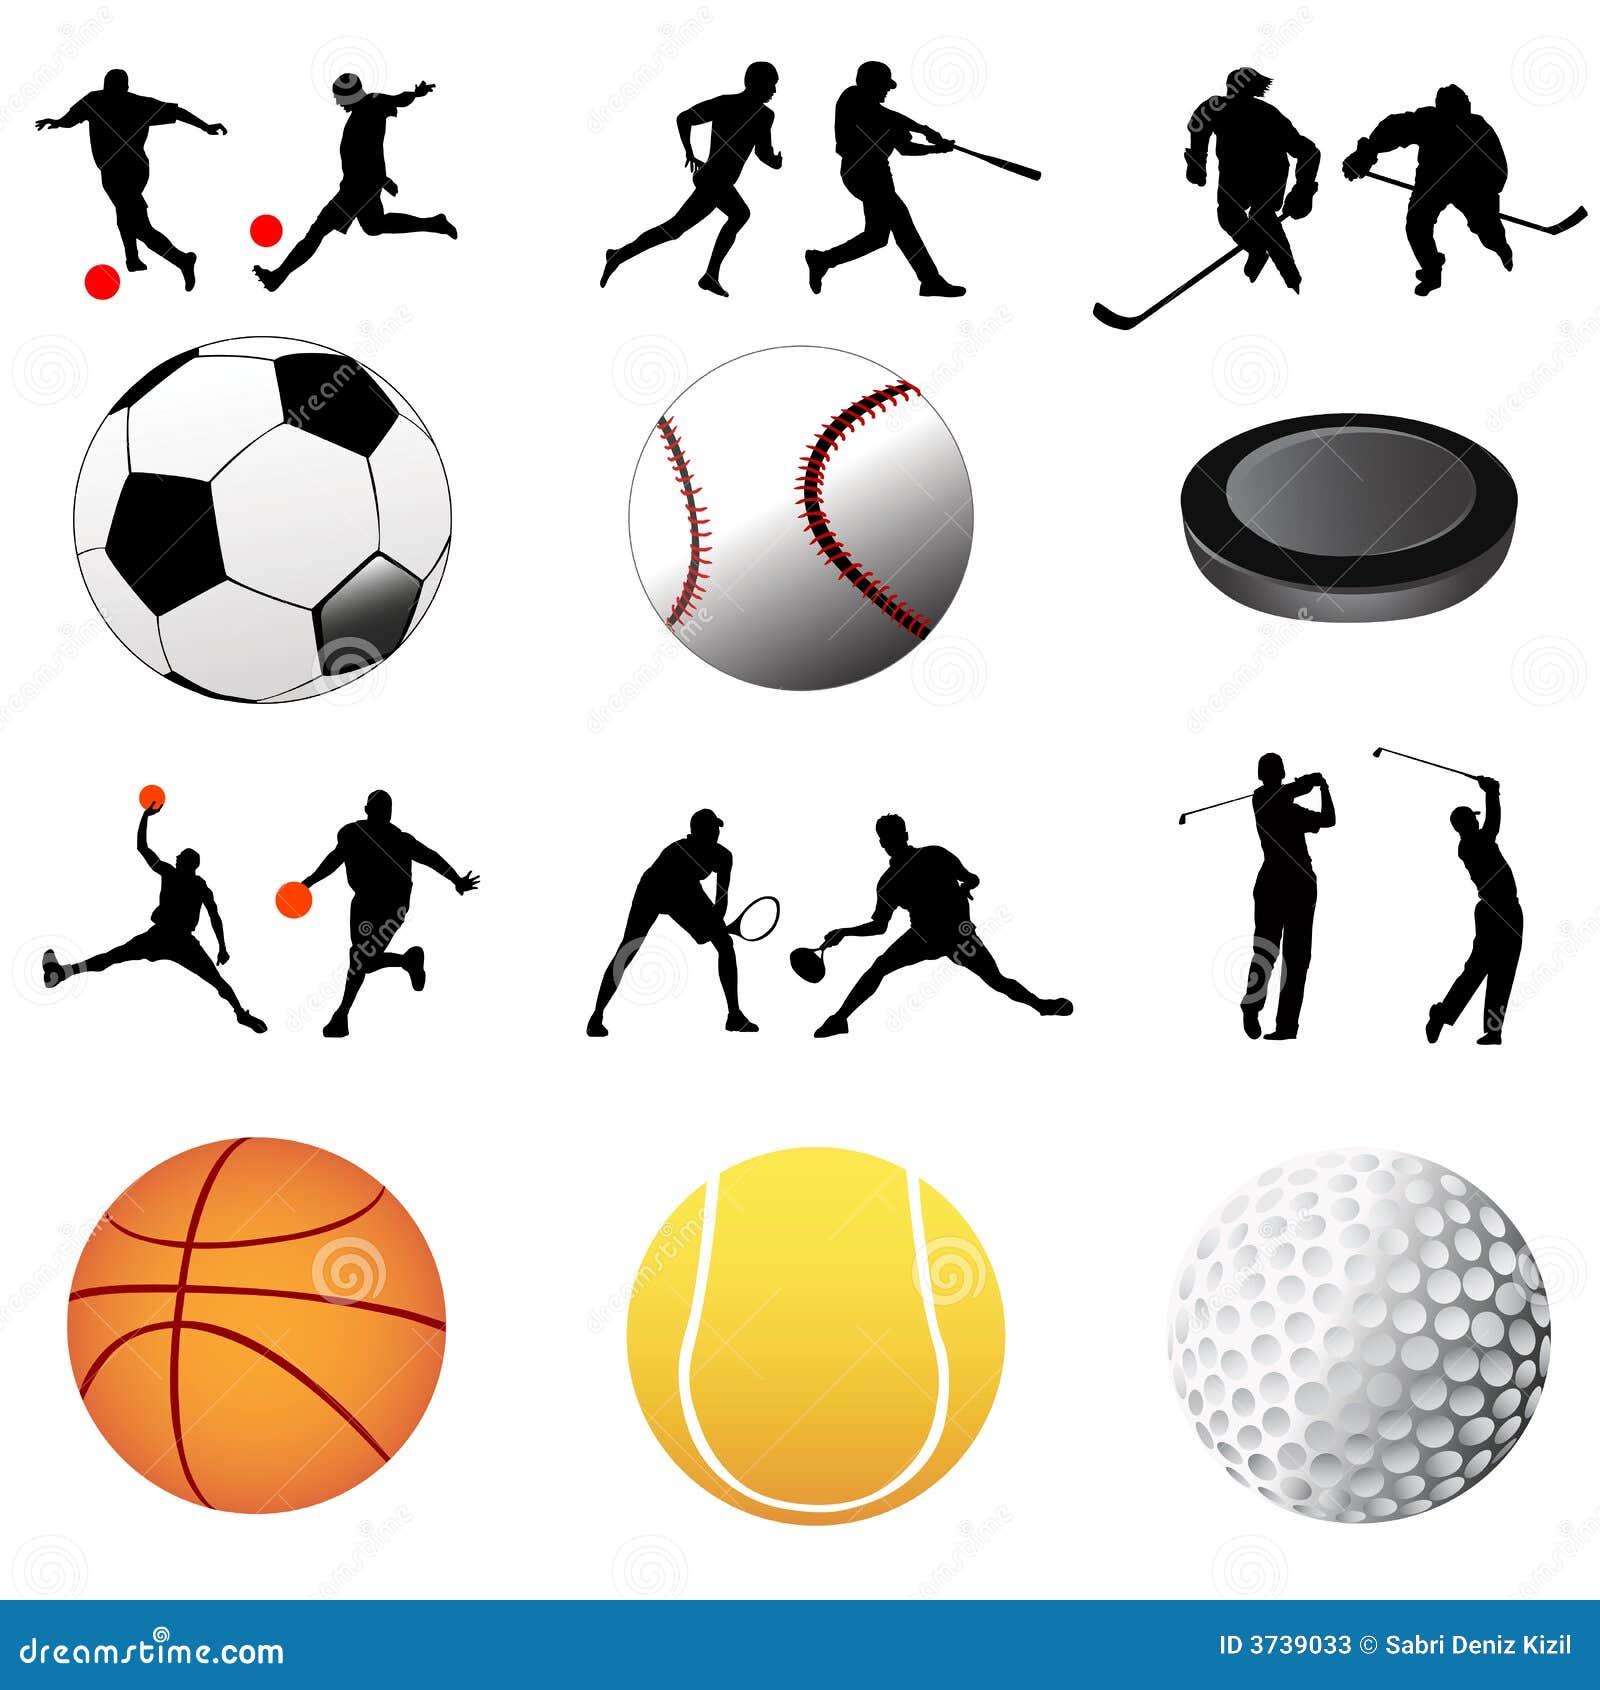 sport icon vector stock photos image 3739033 baseball ball bat clipart baseball ball clipart vector